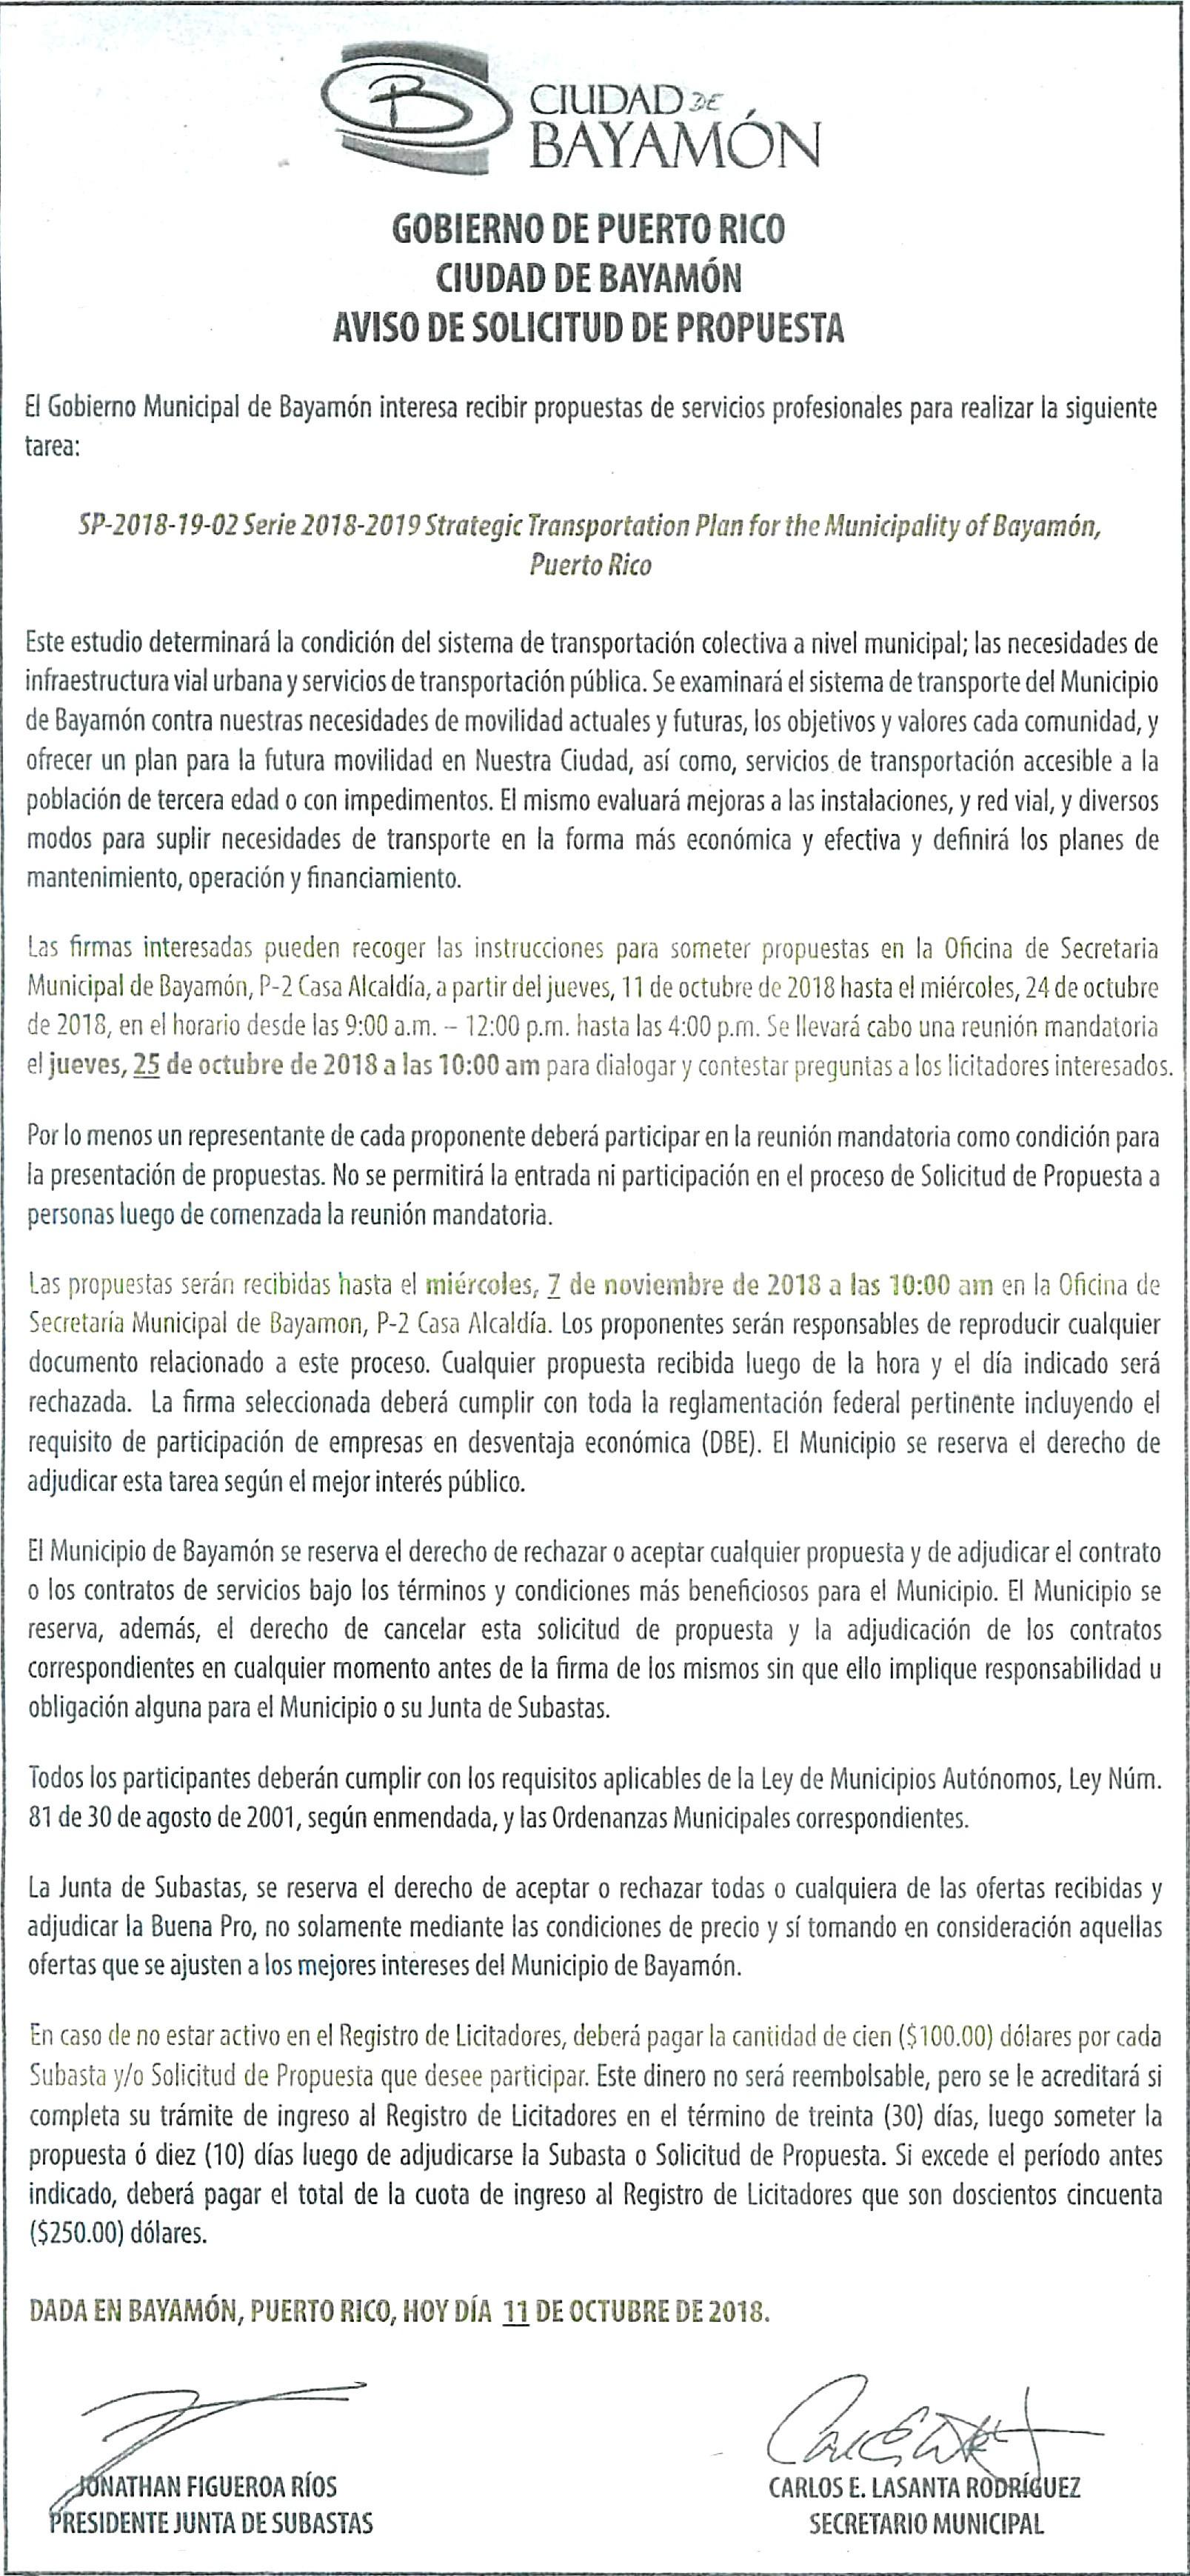 Calendario Junio Julio Agosto Septiembre 2019 Para Imprimir Más Recientes Avisos Pºblicos Ciudad De Bayam³n